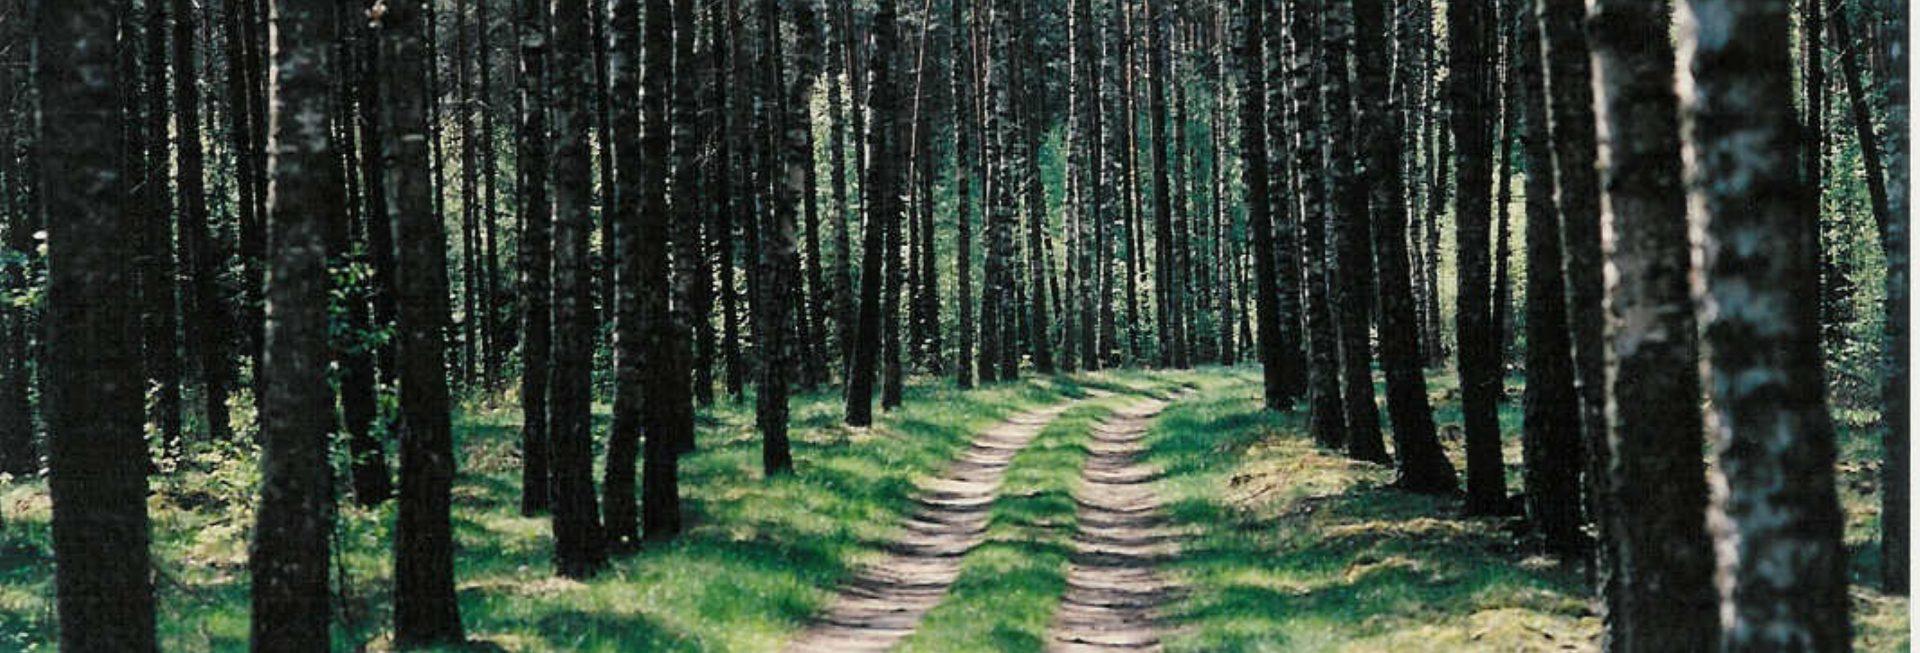 Zdjęcie drogi leśnej biegnącej wśród lasu brzozowego.